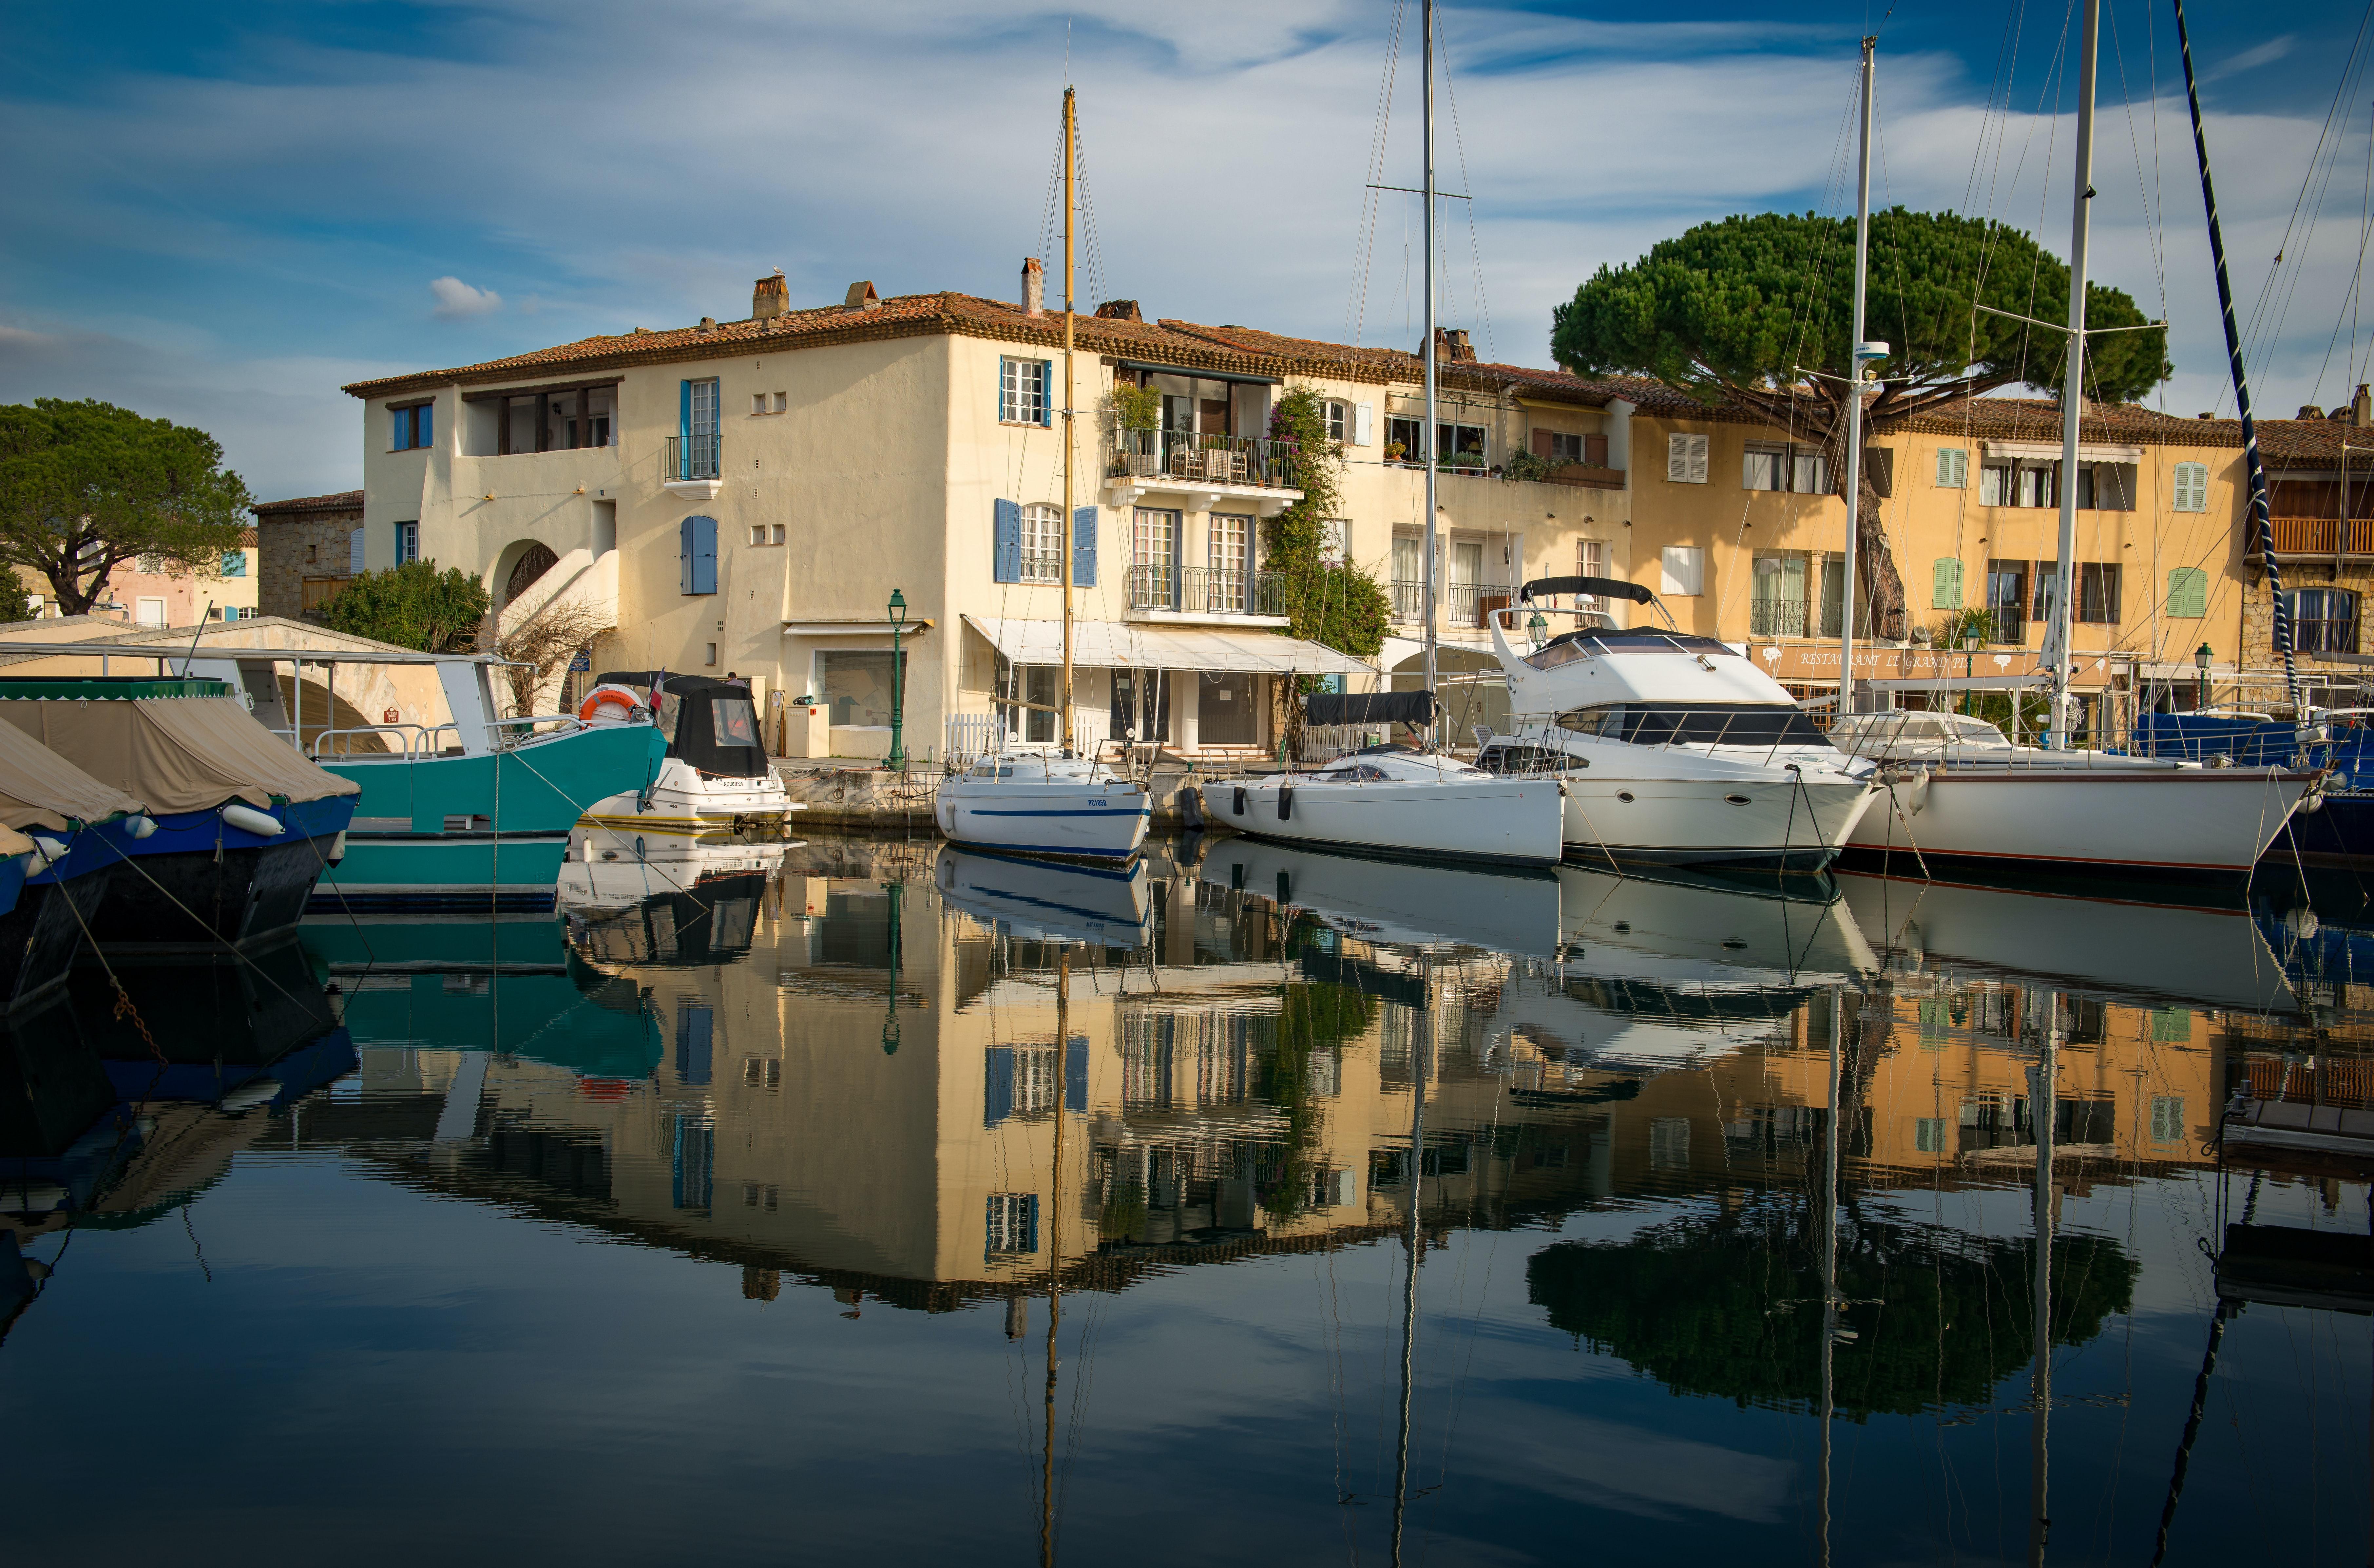 Port Grimaud - Marche de l'immobilier 2020 Golfe de Saint Tropez - @gillesdenice